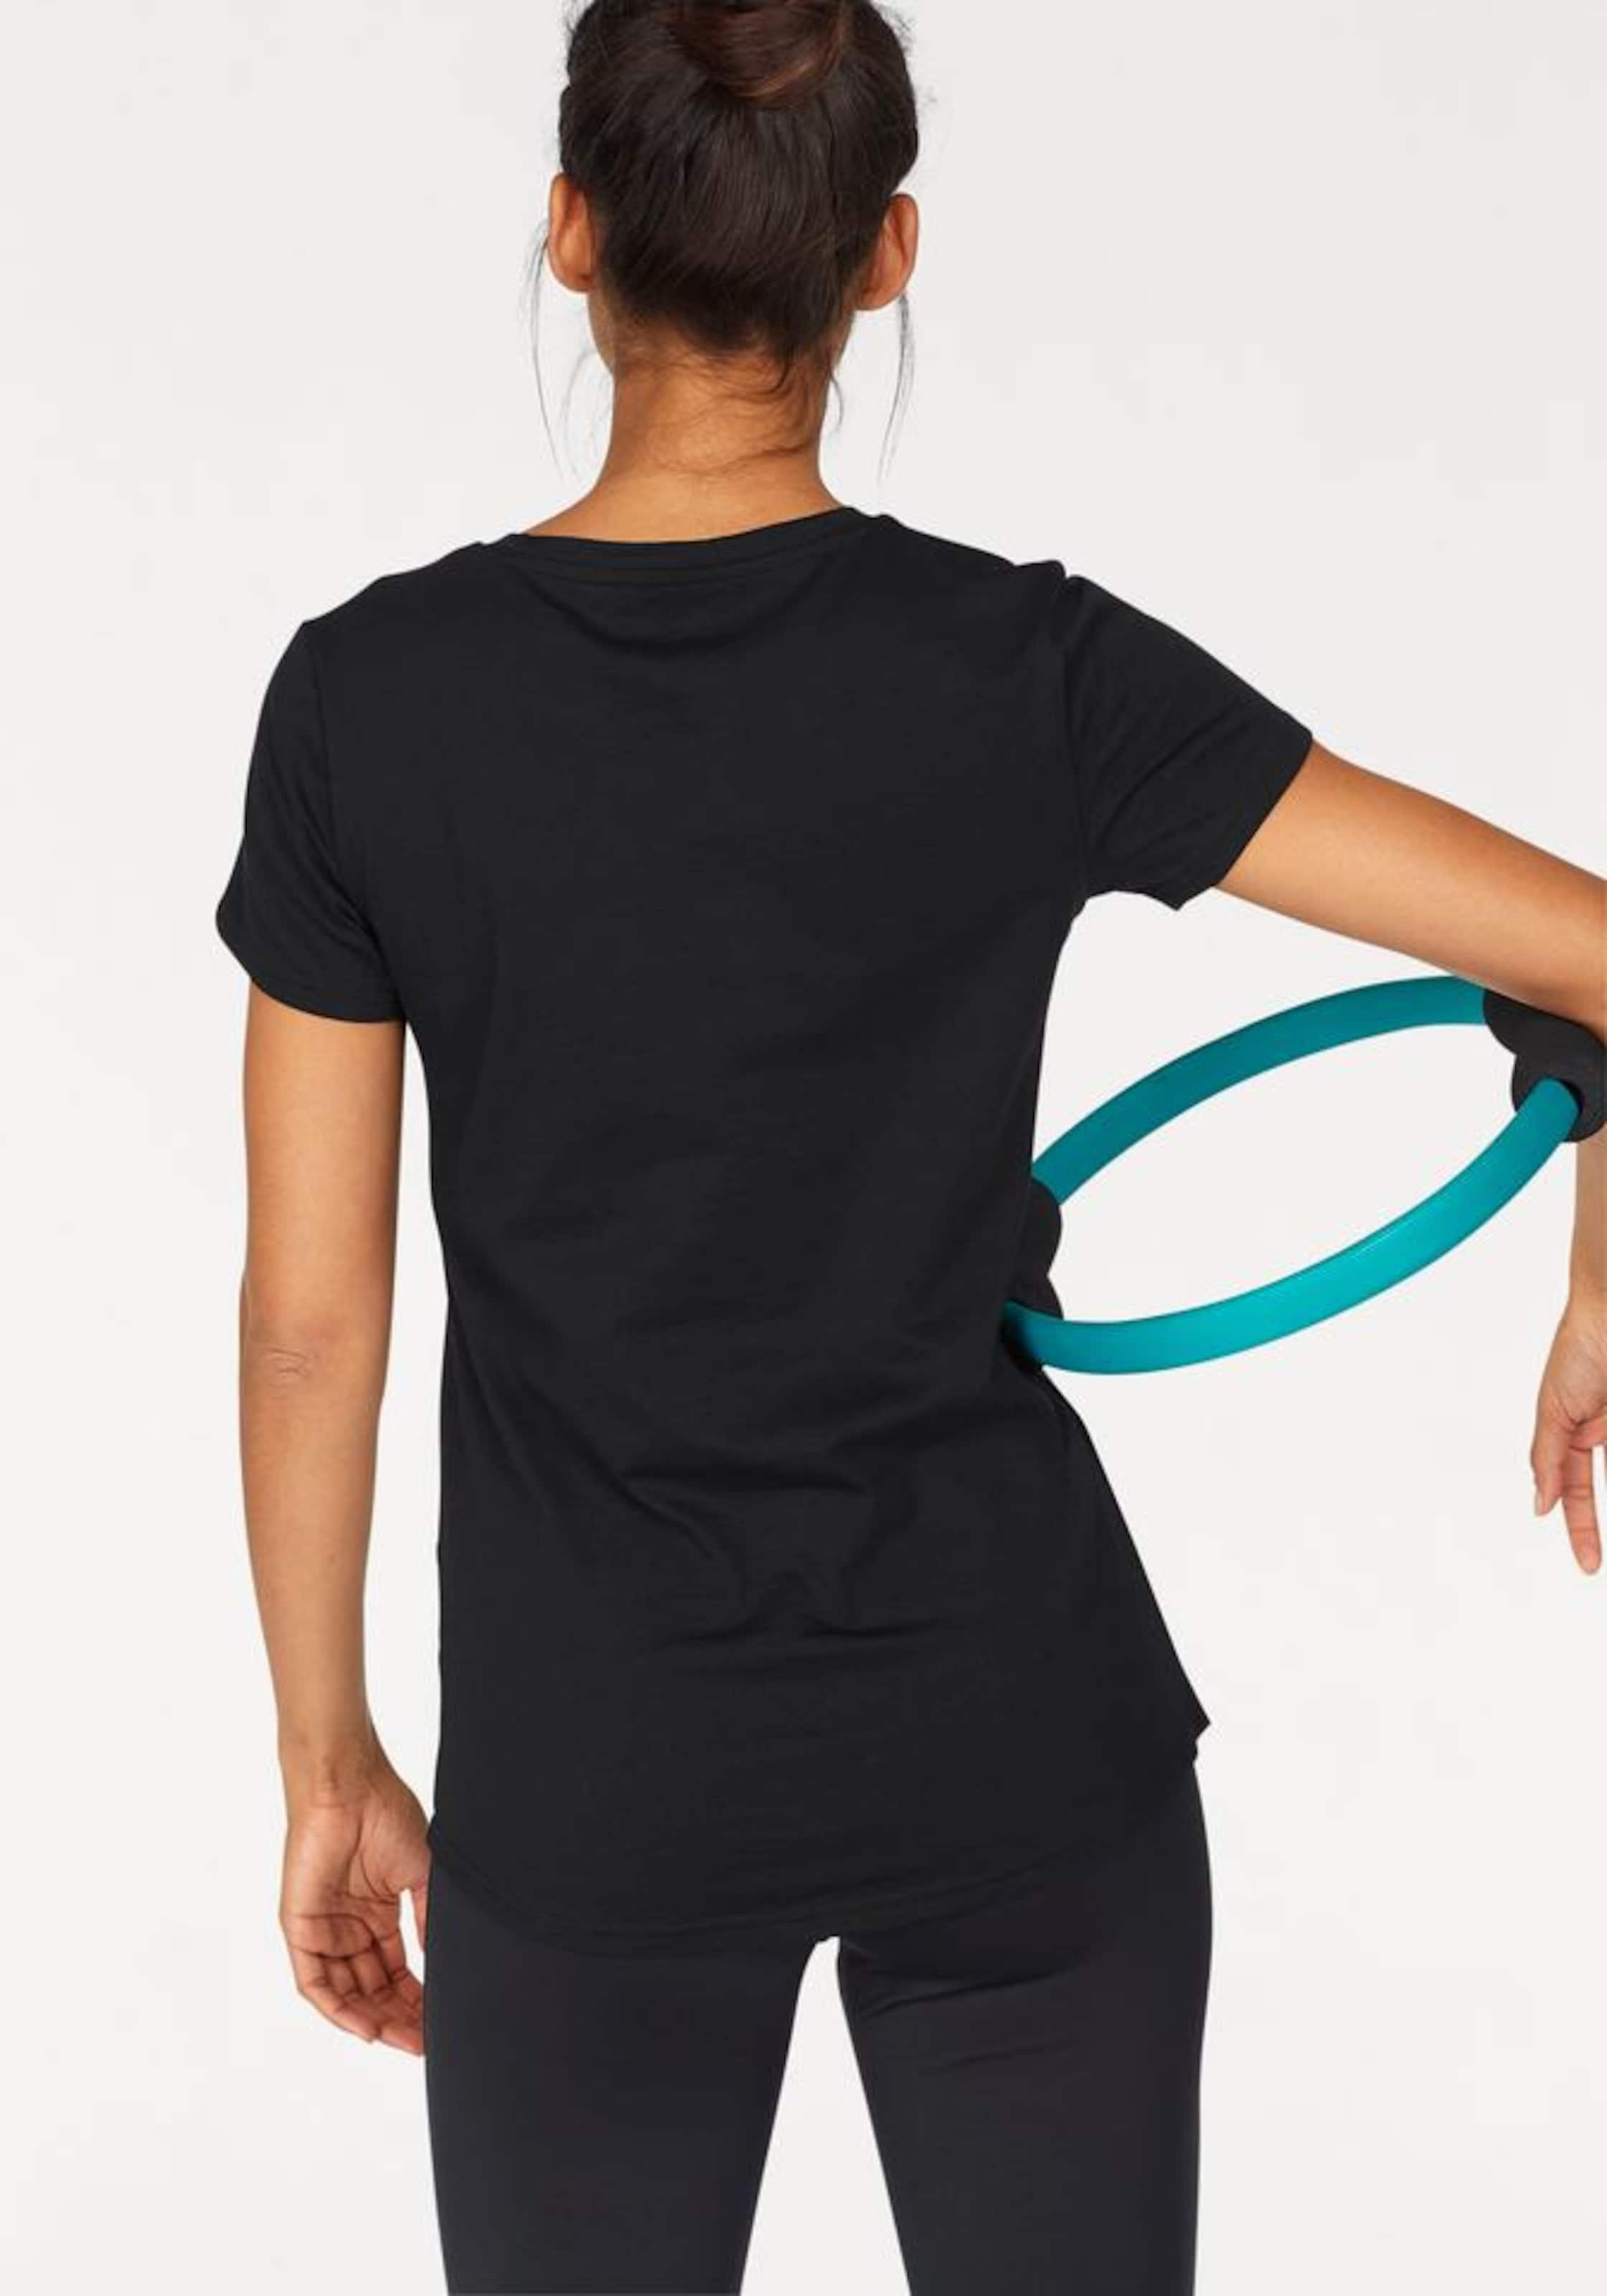 PUMA T-Shirt 'WOMENS TEE PACK' Großer Verkauf Verkauf Online Verkauf Wählen Eine Beste Billig Zum Verkauf v4cKqs